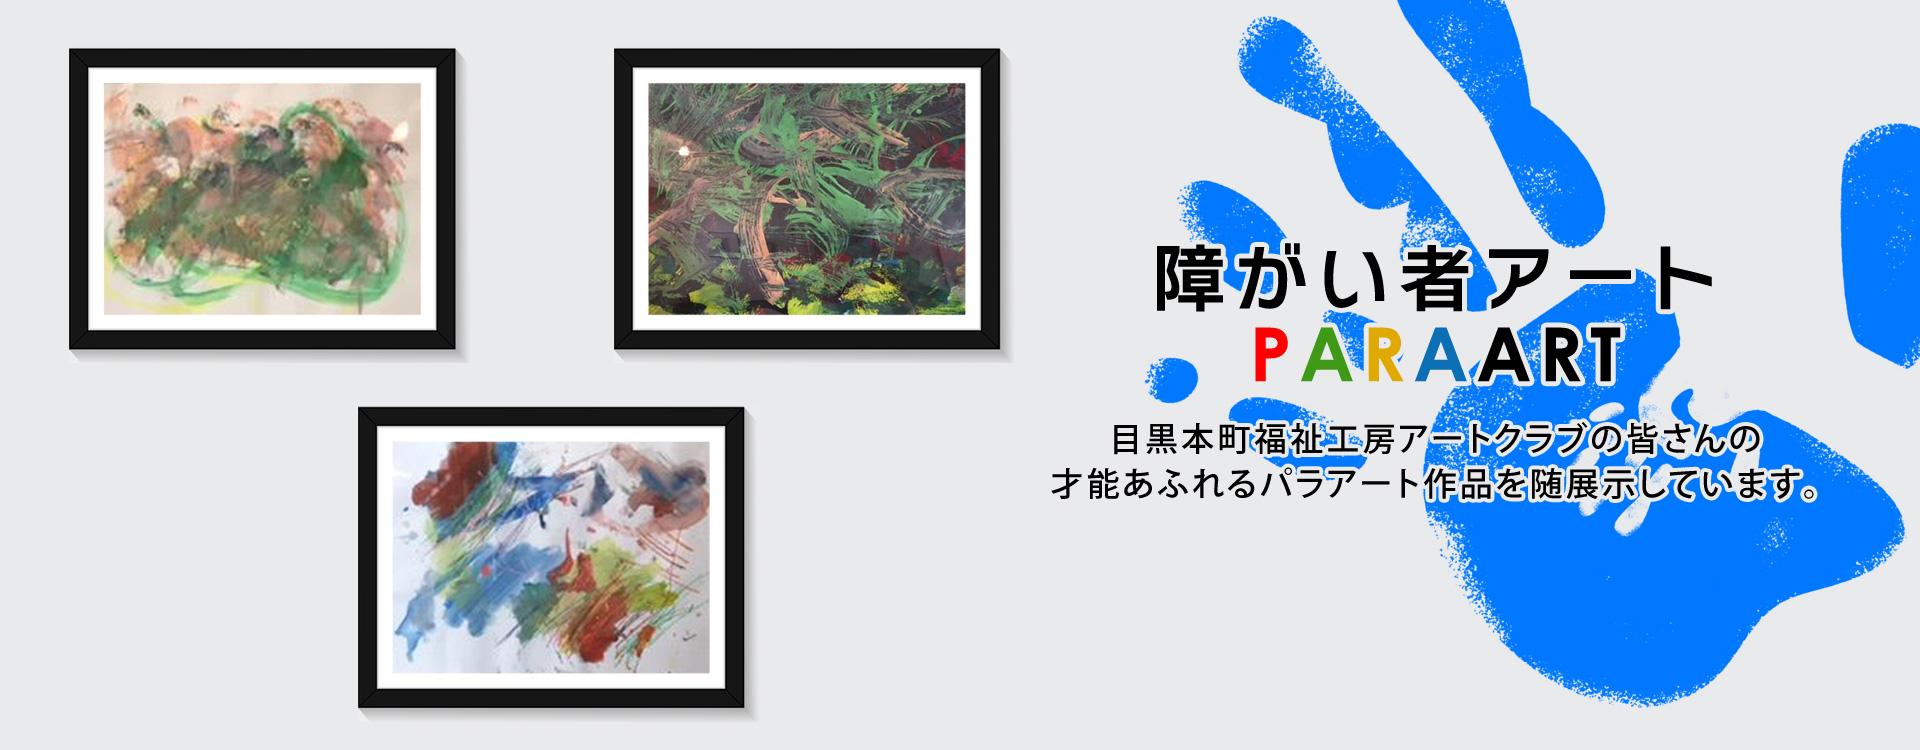 障がい者アート(パラアート)